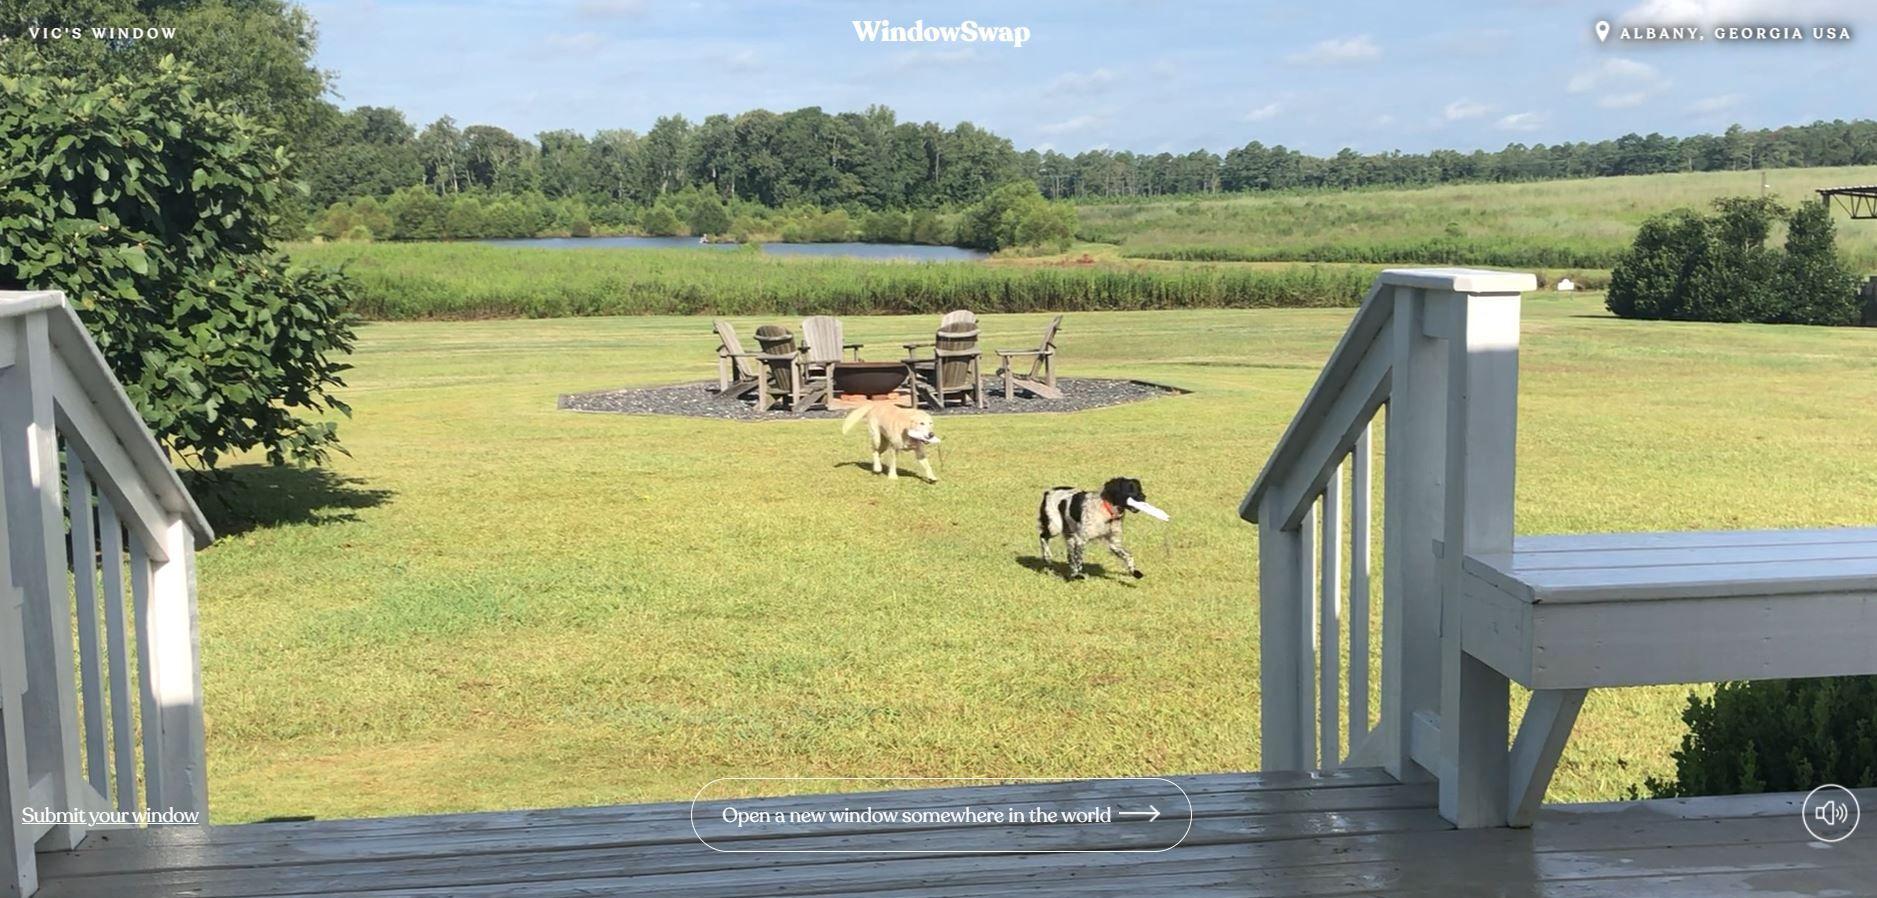 Στιγμιότυπο από παράθυρο στην Αμερική που δείχνει δύο σκυλιά στην εξοχή μέσω της εφαρμογής Window Swap